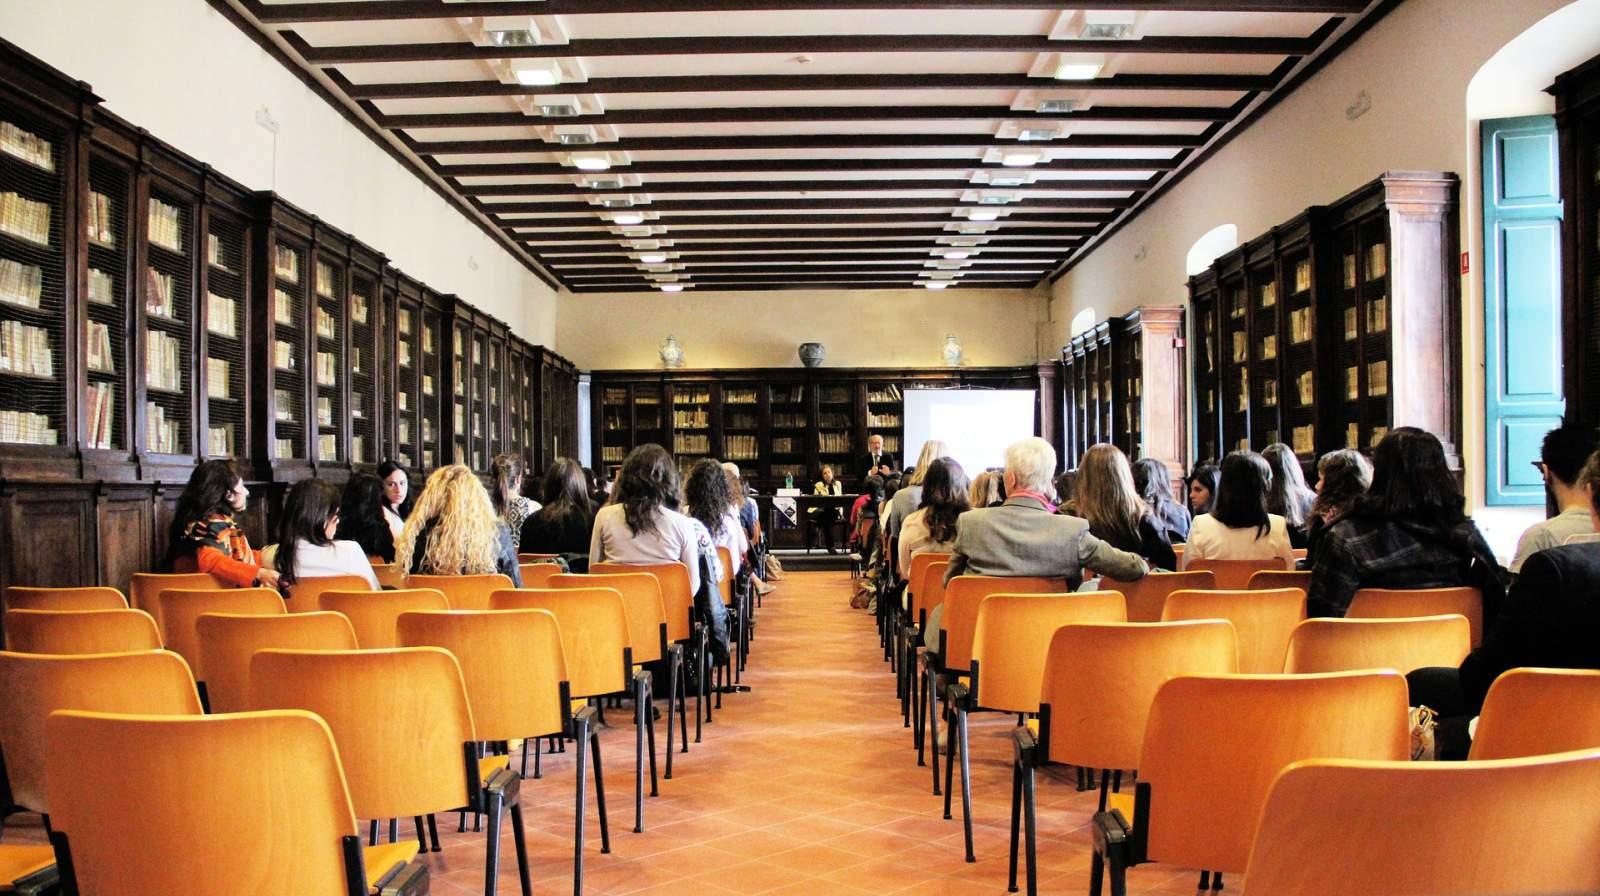 Medizin studieren an privaten Hochschulen in Deutschland